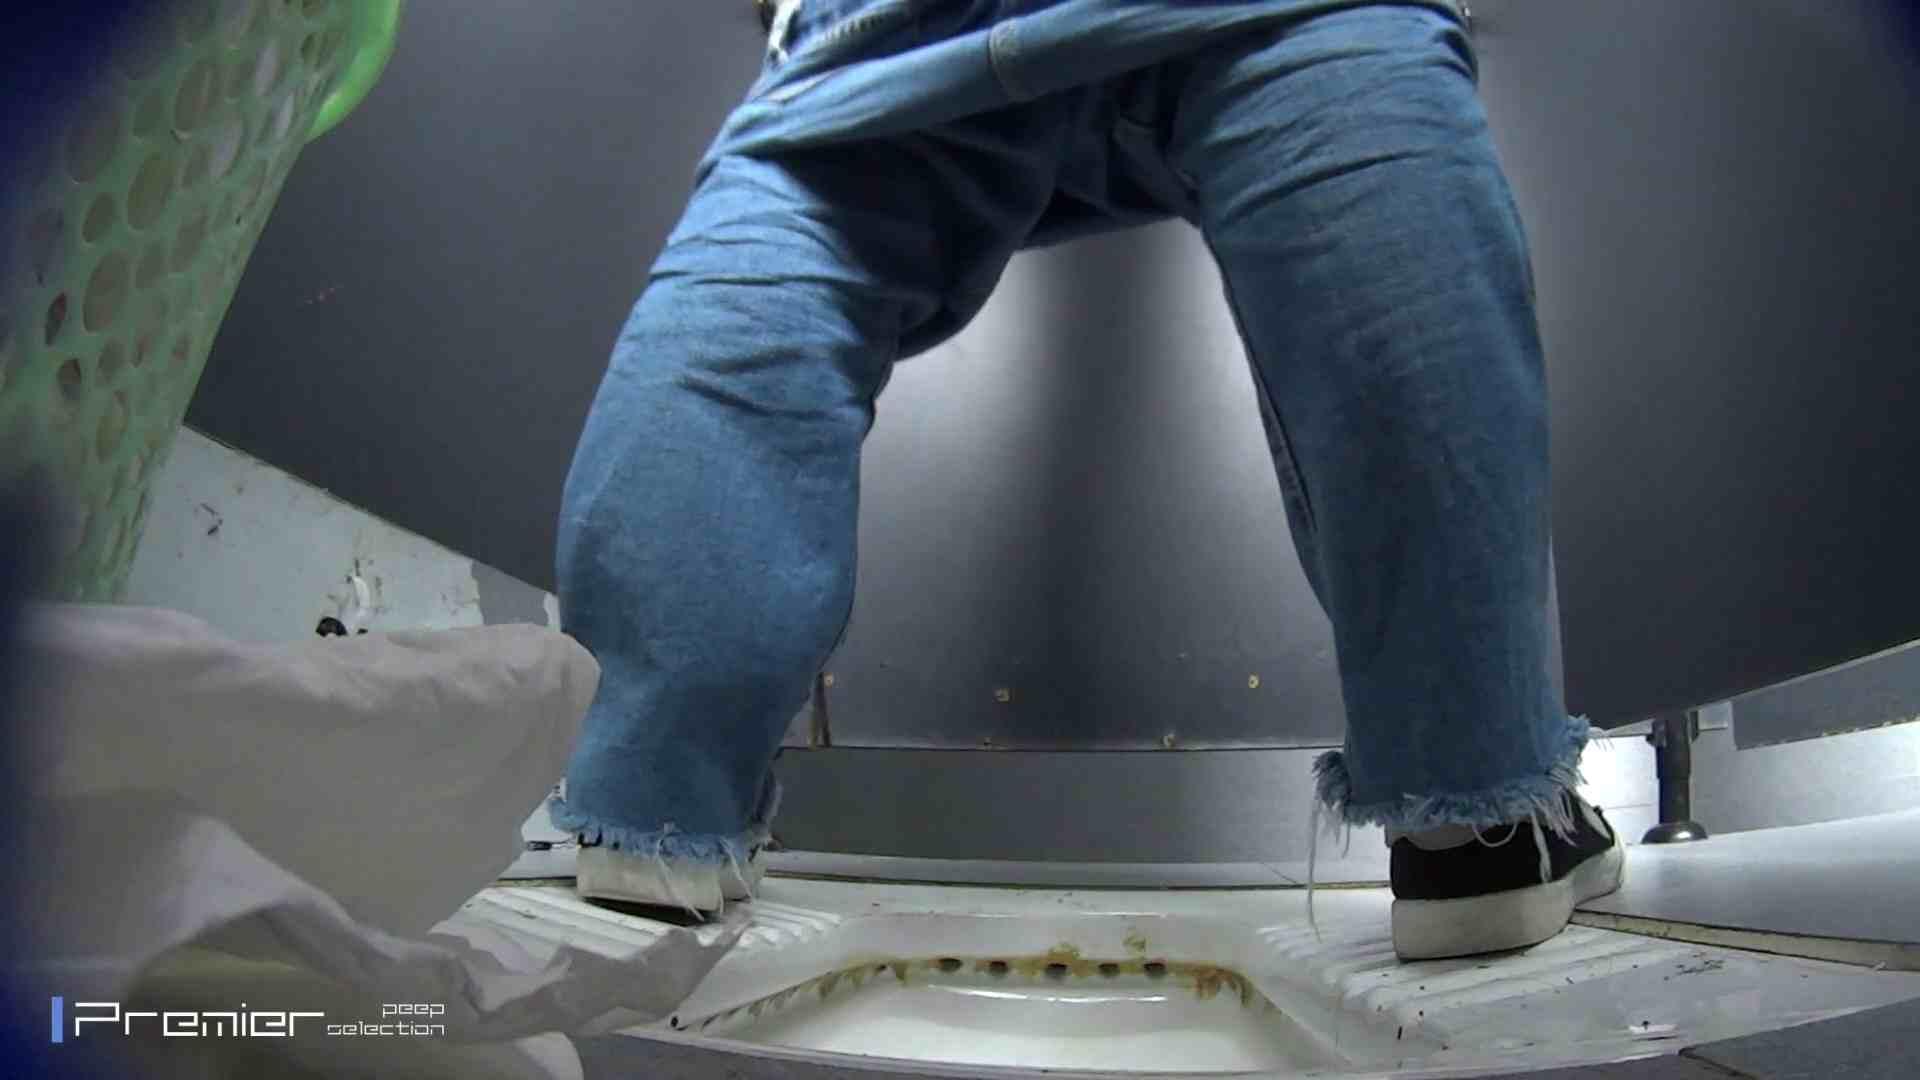 滴り落ちる聖水 大学休憩時間の洗面所事情42 美肌 濡れ場動画紹介 66画像 37